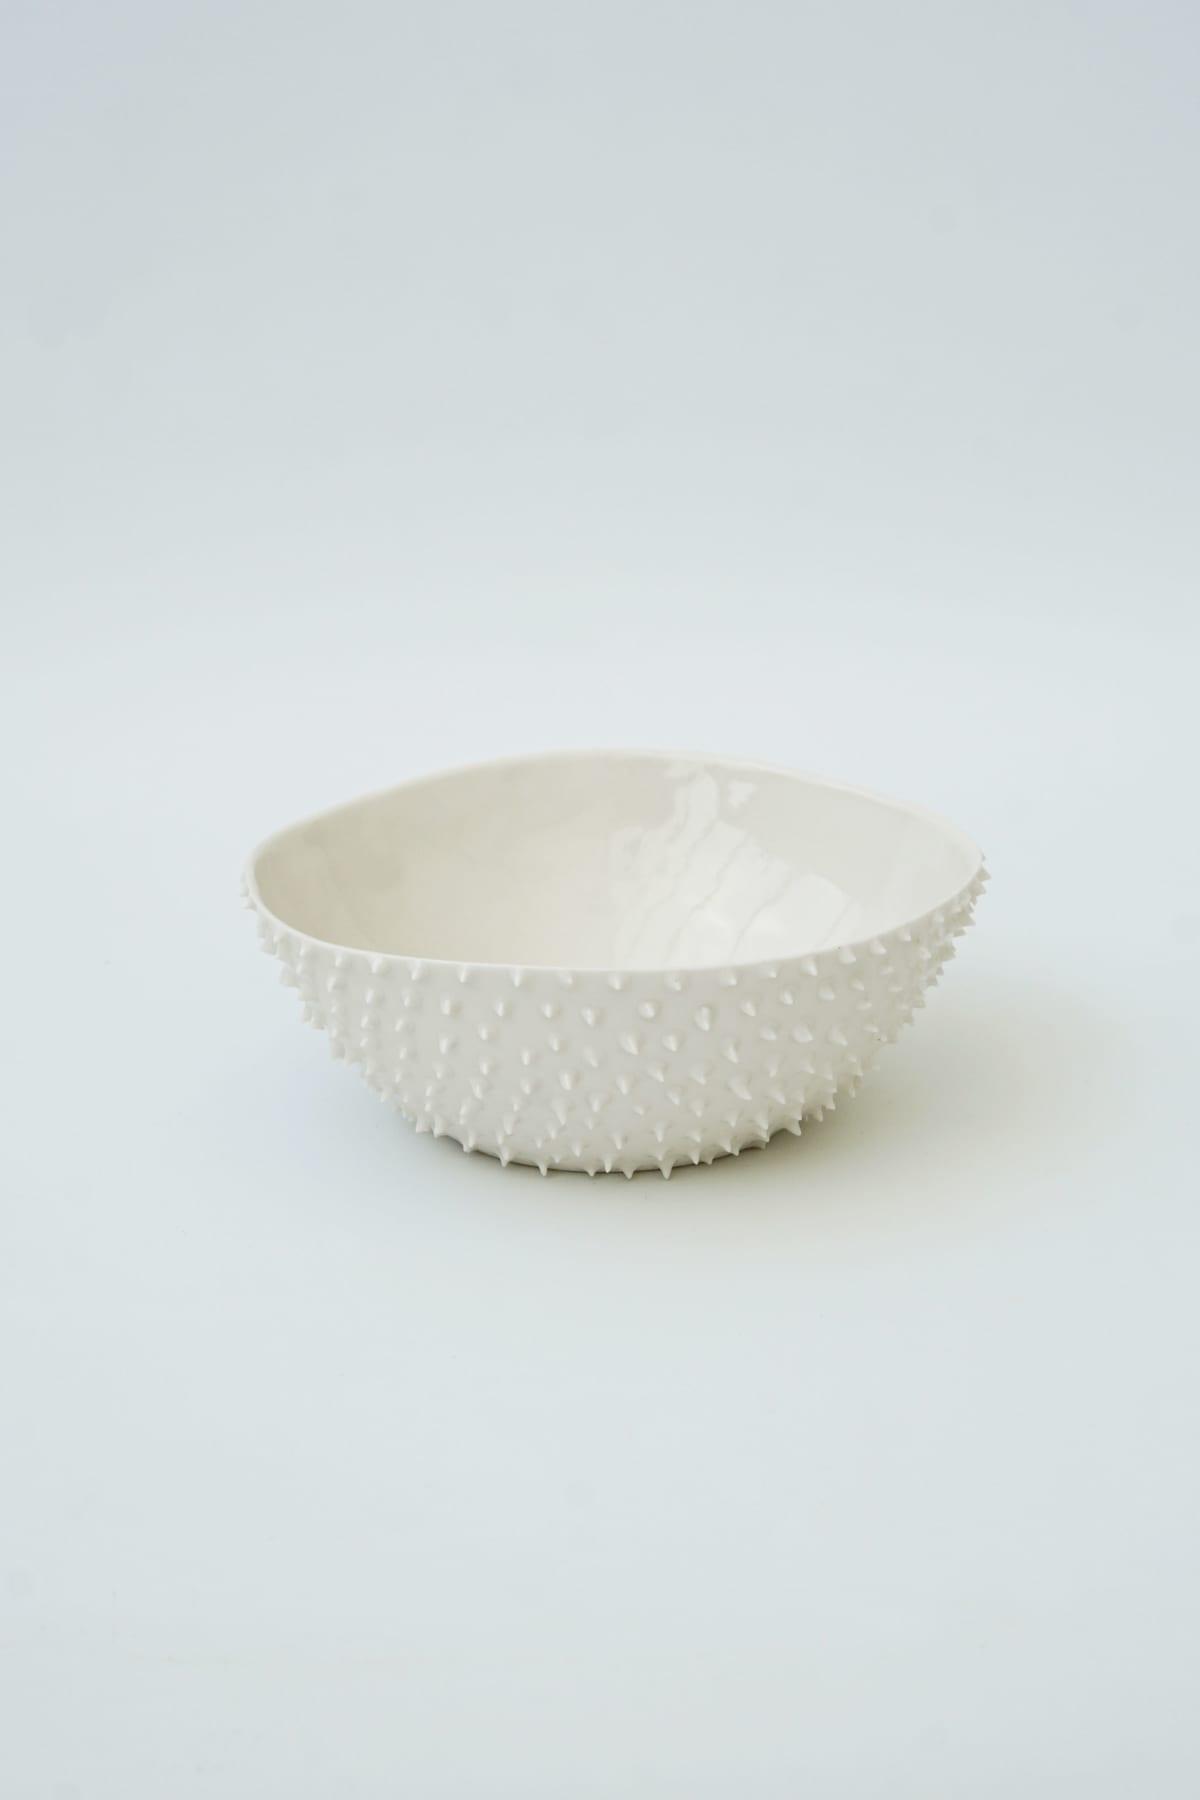 Ditte Blohm Cereal bowl (Spiky) Porcelain